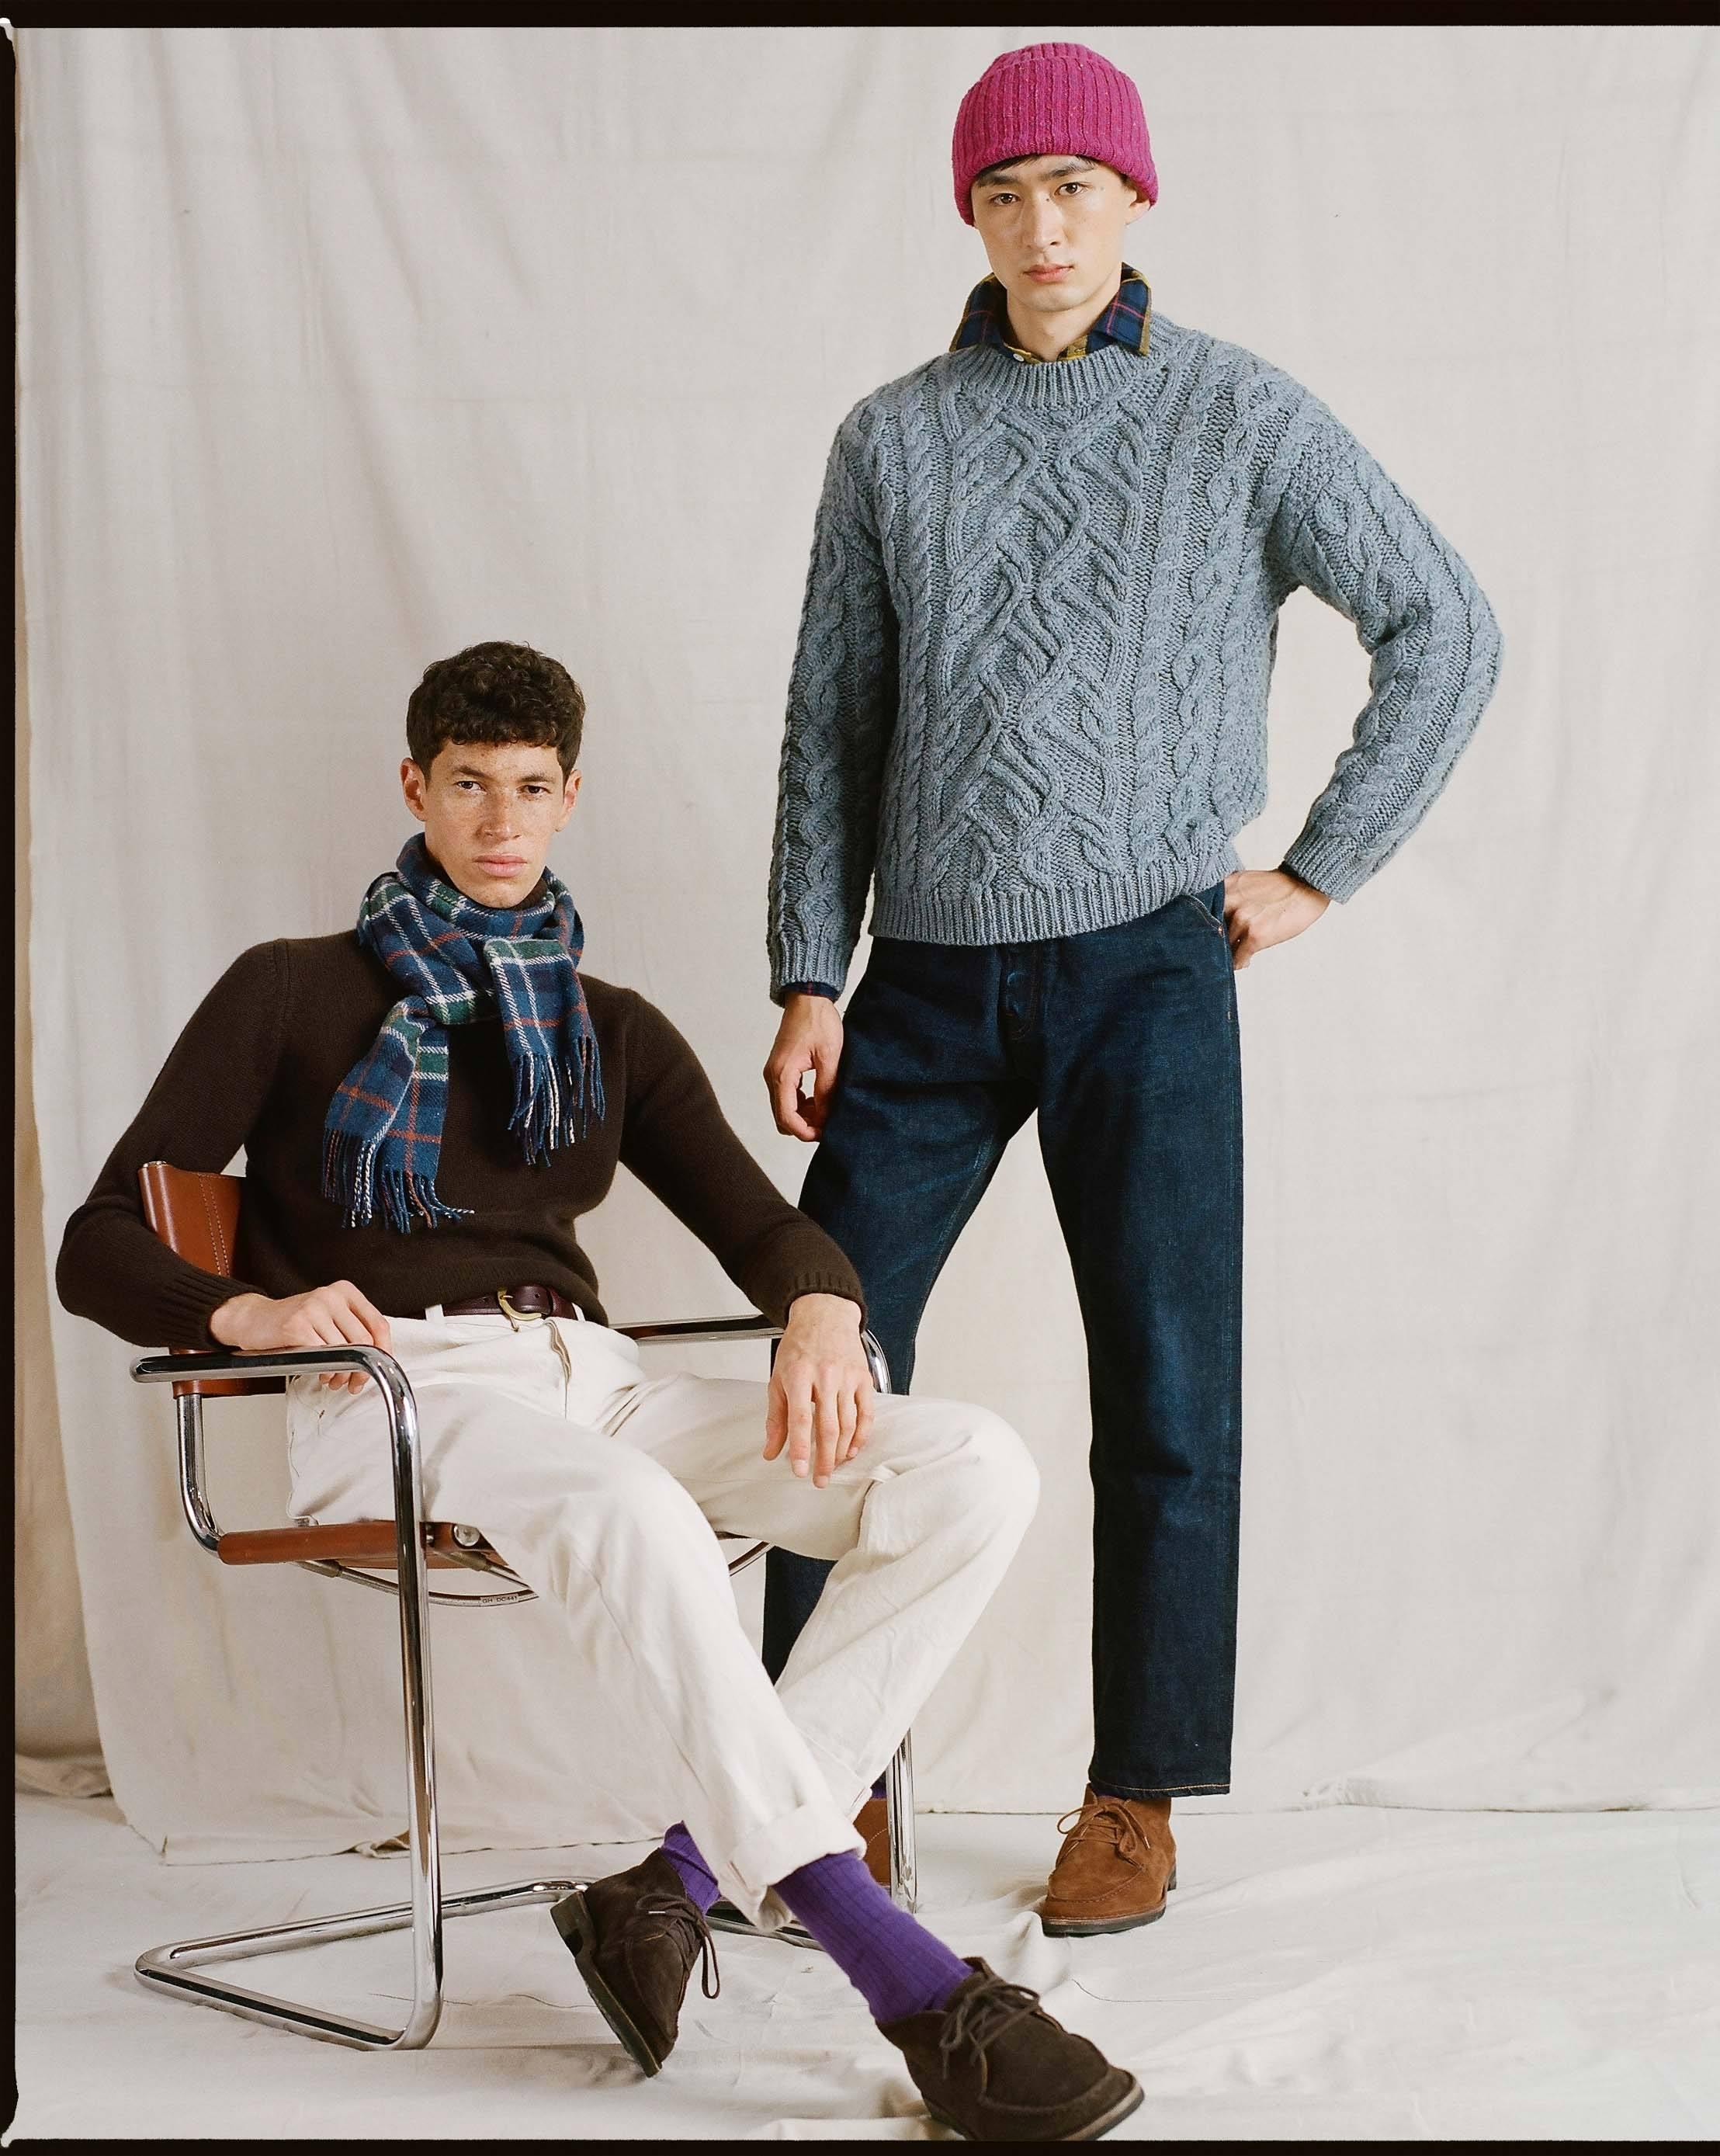 A Knitwear Story